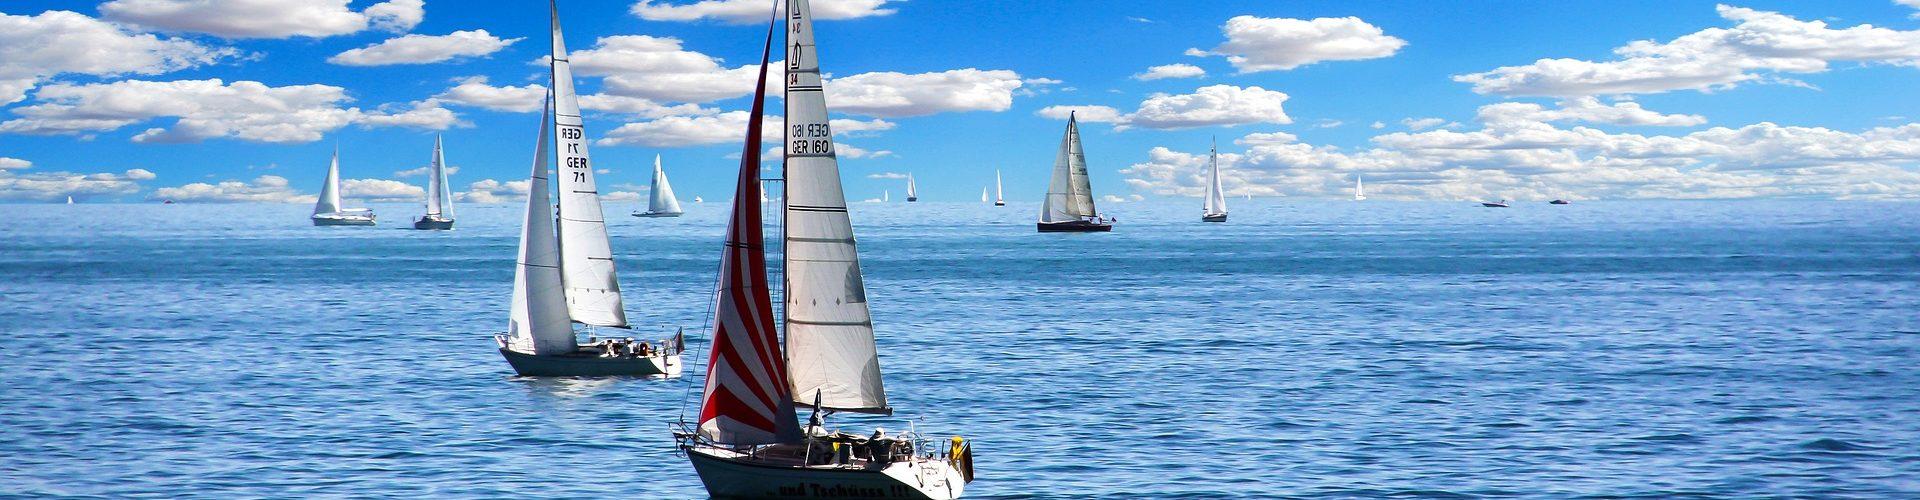 segeln lernen in Breitenthal segelschein machen in Breitenthal 1920x500 - Segeln lernen in Breitenthal